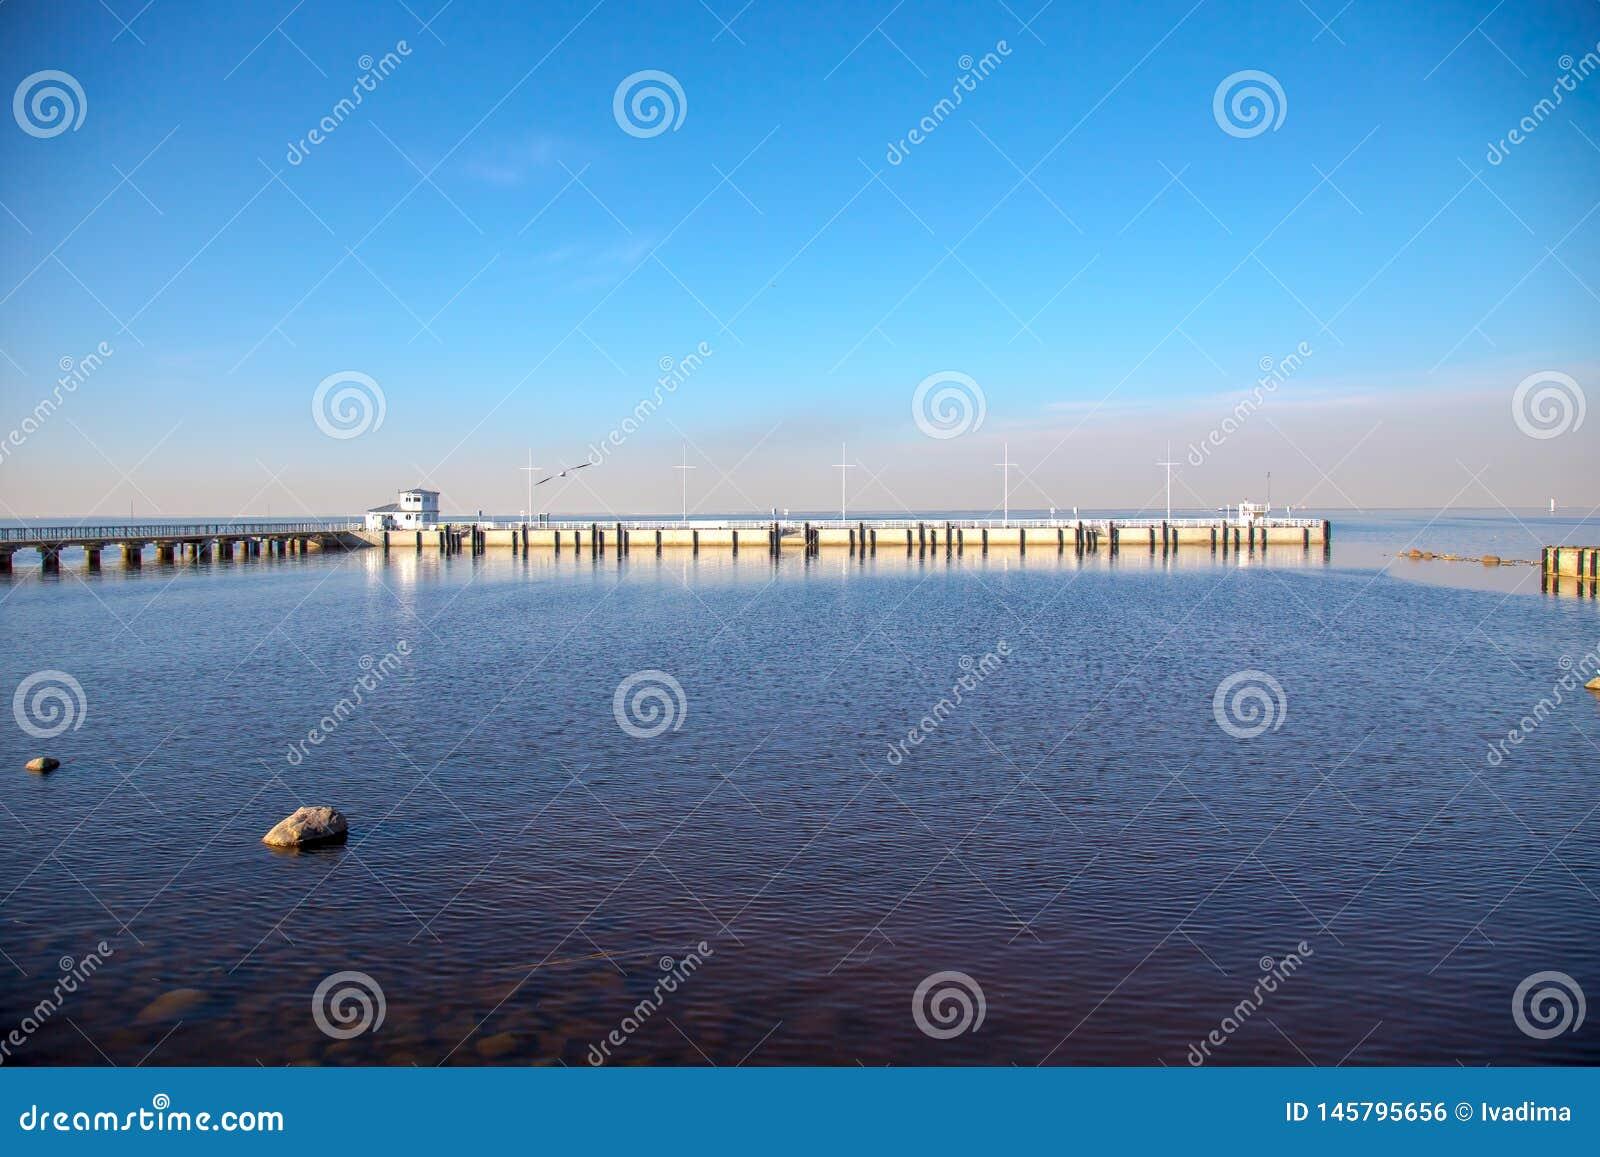 Ideia do horizonte do Golfo da Finl?ndia com uma mans?o em uma ilha pequena no museu de Peterhof Dia ensolarado da mola St Peters